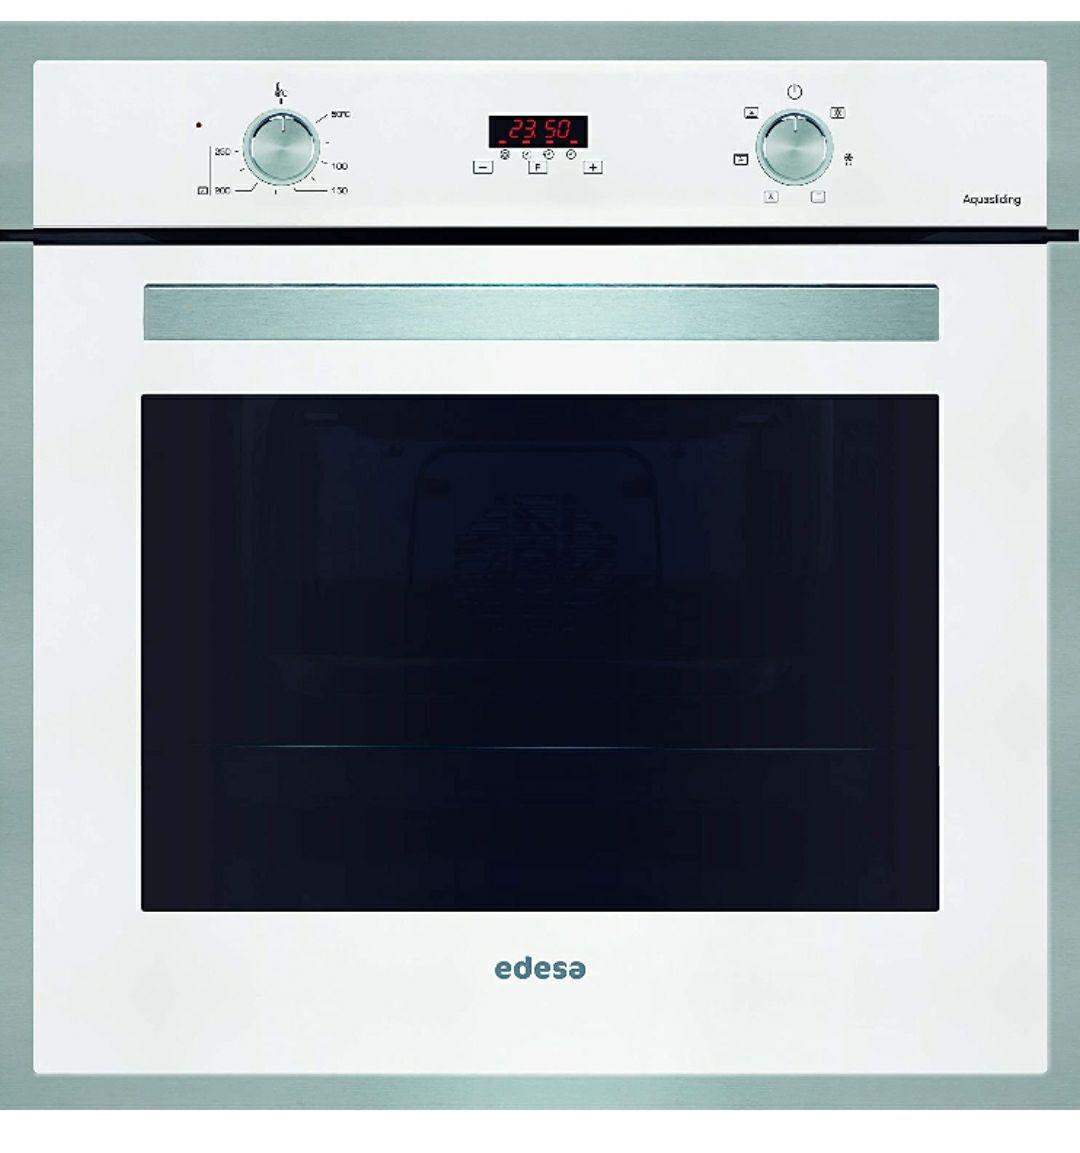 EDESA multifunción Plus.Modelo: EOE-7040 WH. Horno de 70 L,6 programas de cocinado.Eficiencia energética: A. Cristal:Blanco, 2200W